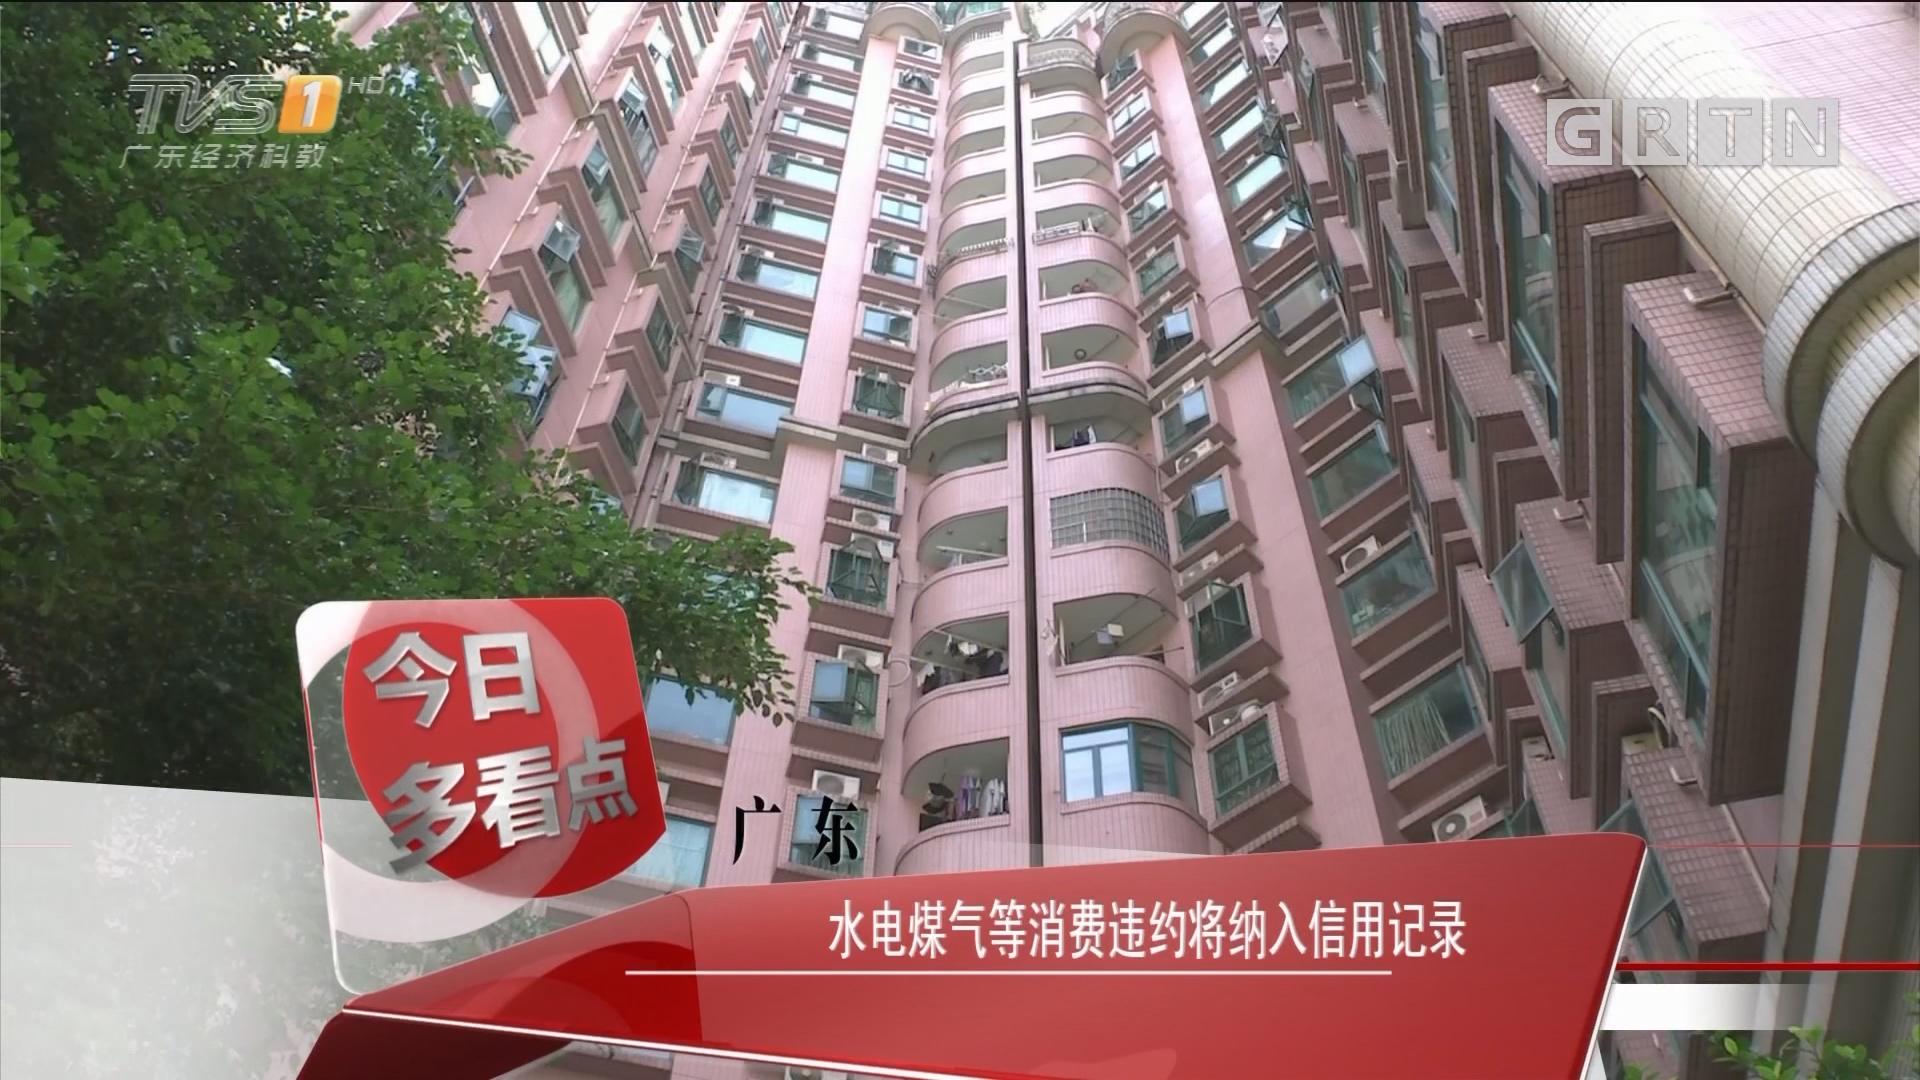 广东:水电煤气等消费违约将纳入信用记录